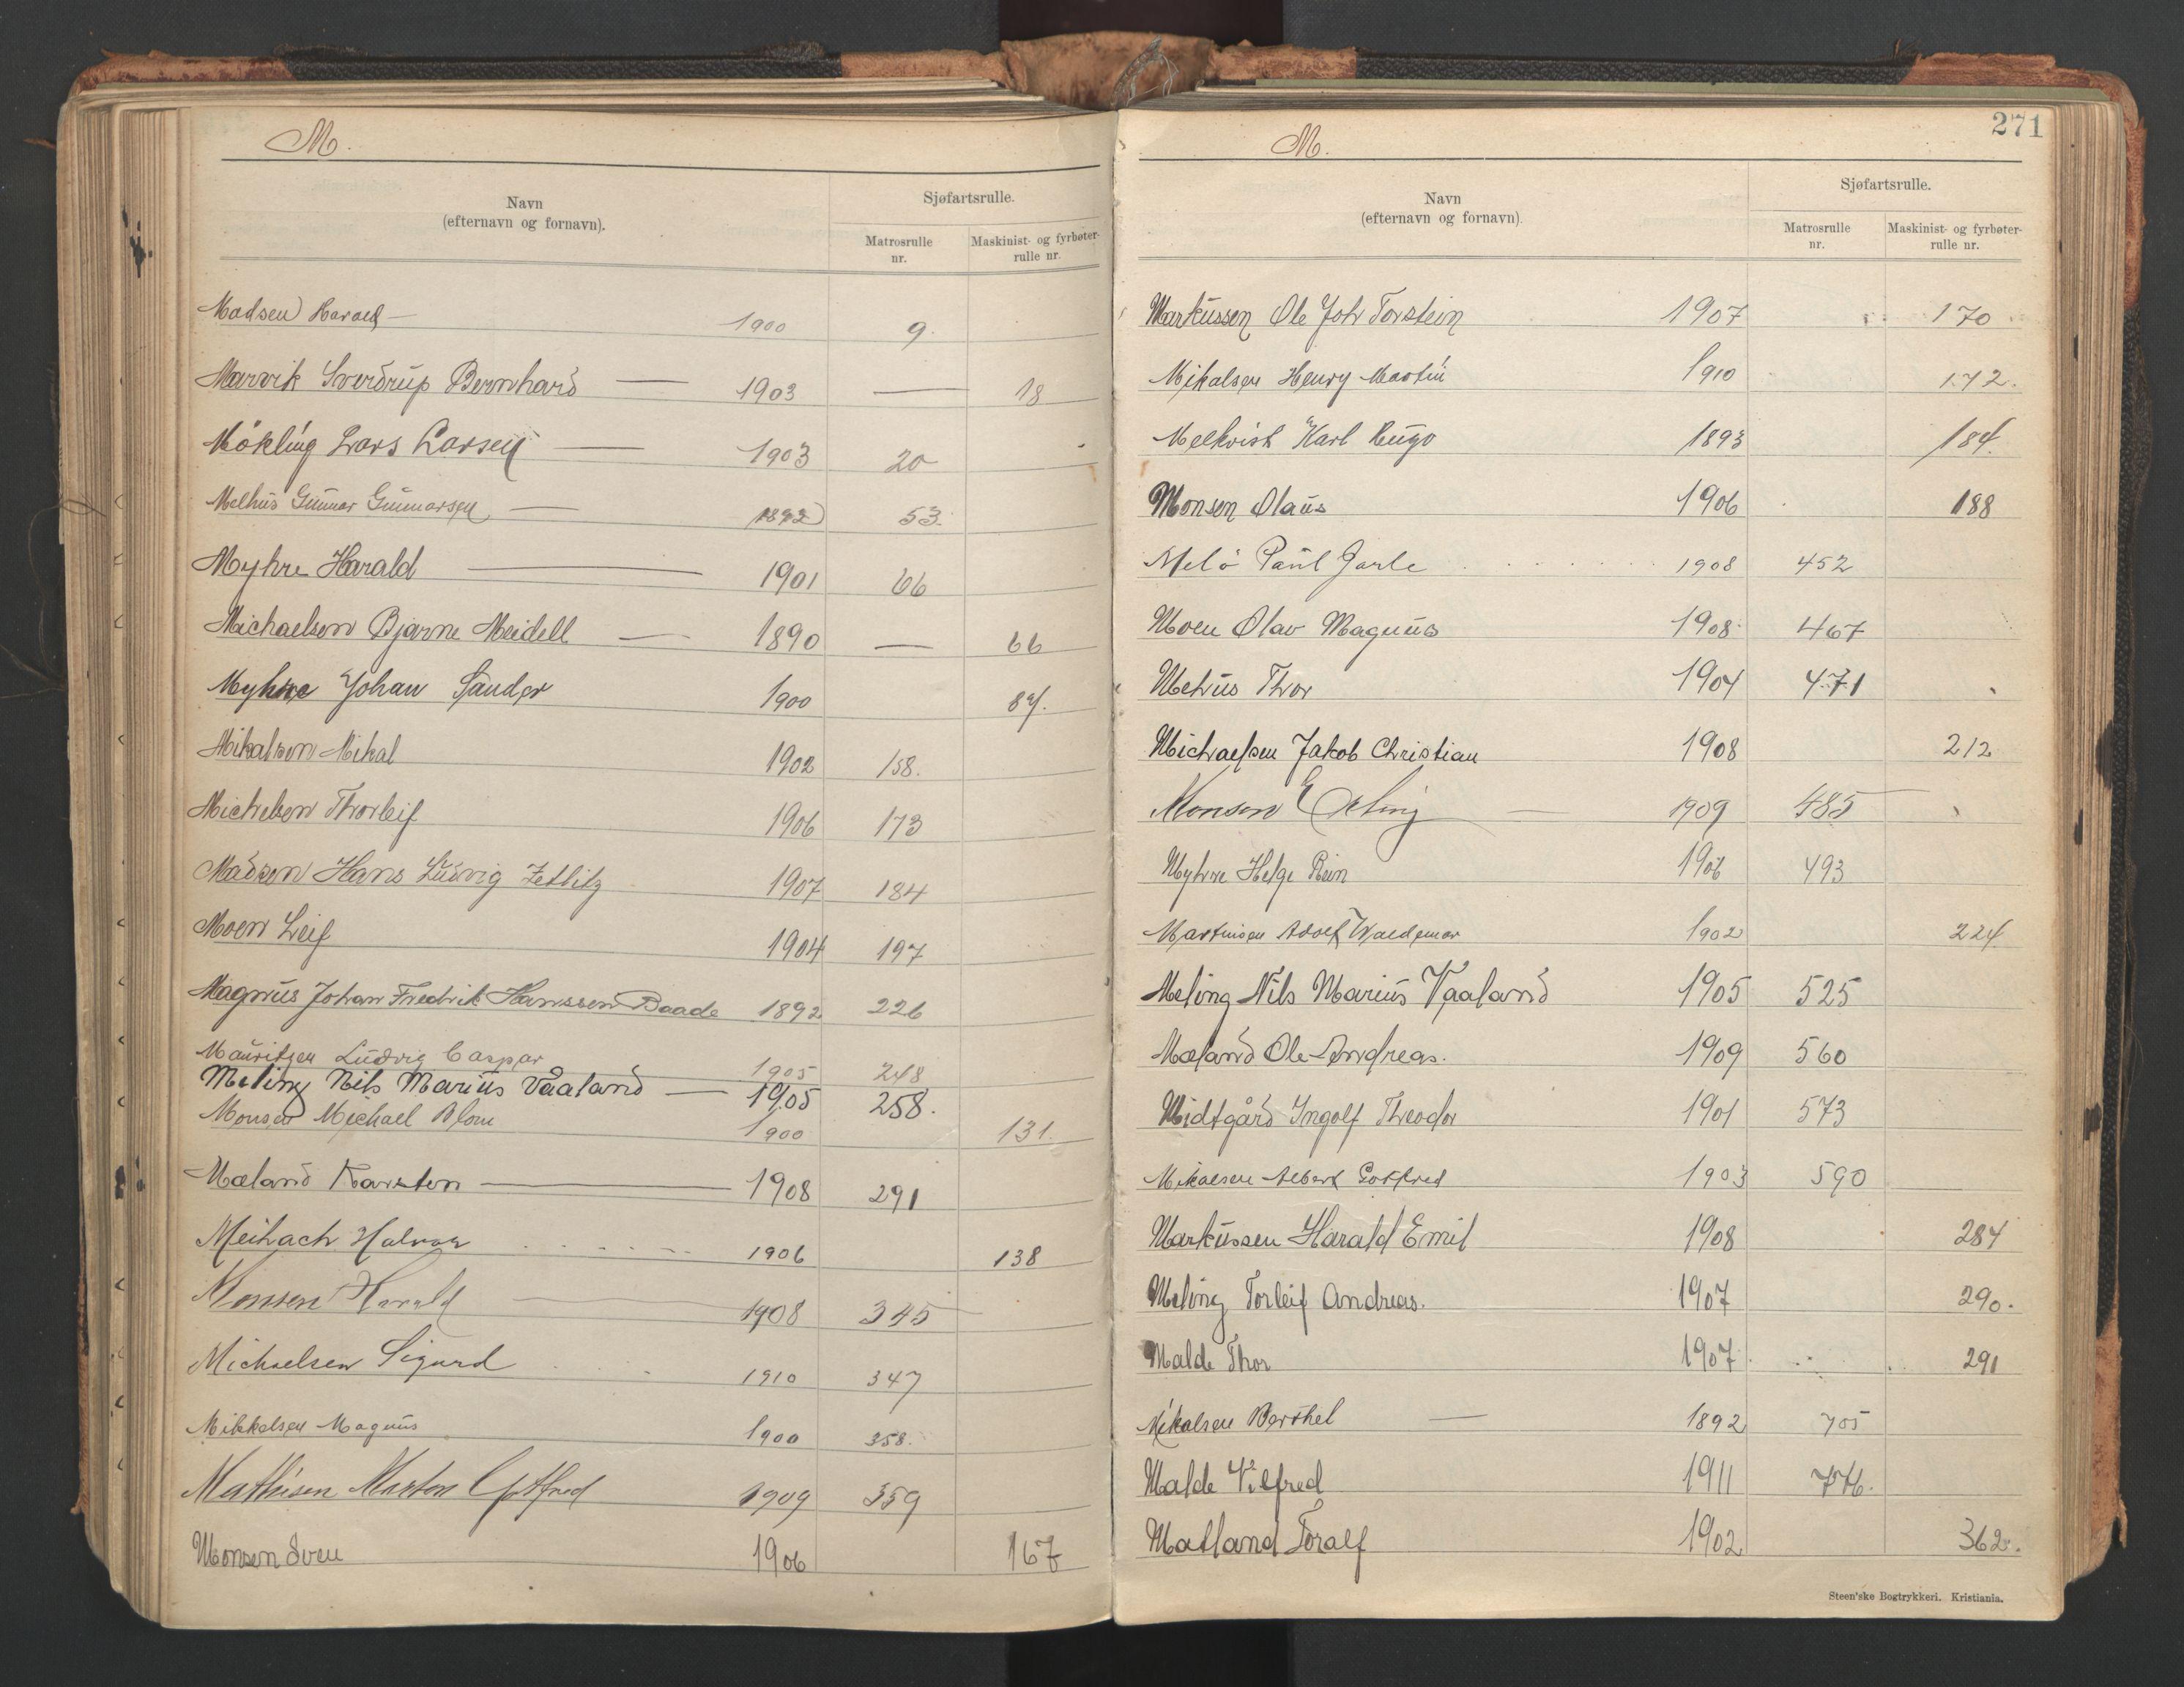 SAST, Stavanger sjømannskontor, F/Fb/Fba/L0005: Navneregister sjøfartsruller, etternavnsregister til hovedrulle 1921, 1921-1947, s. 77